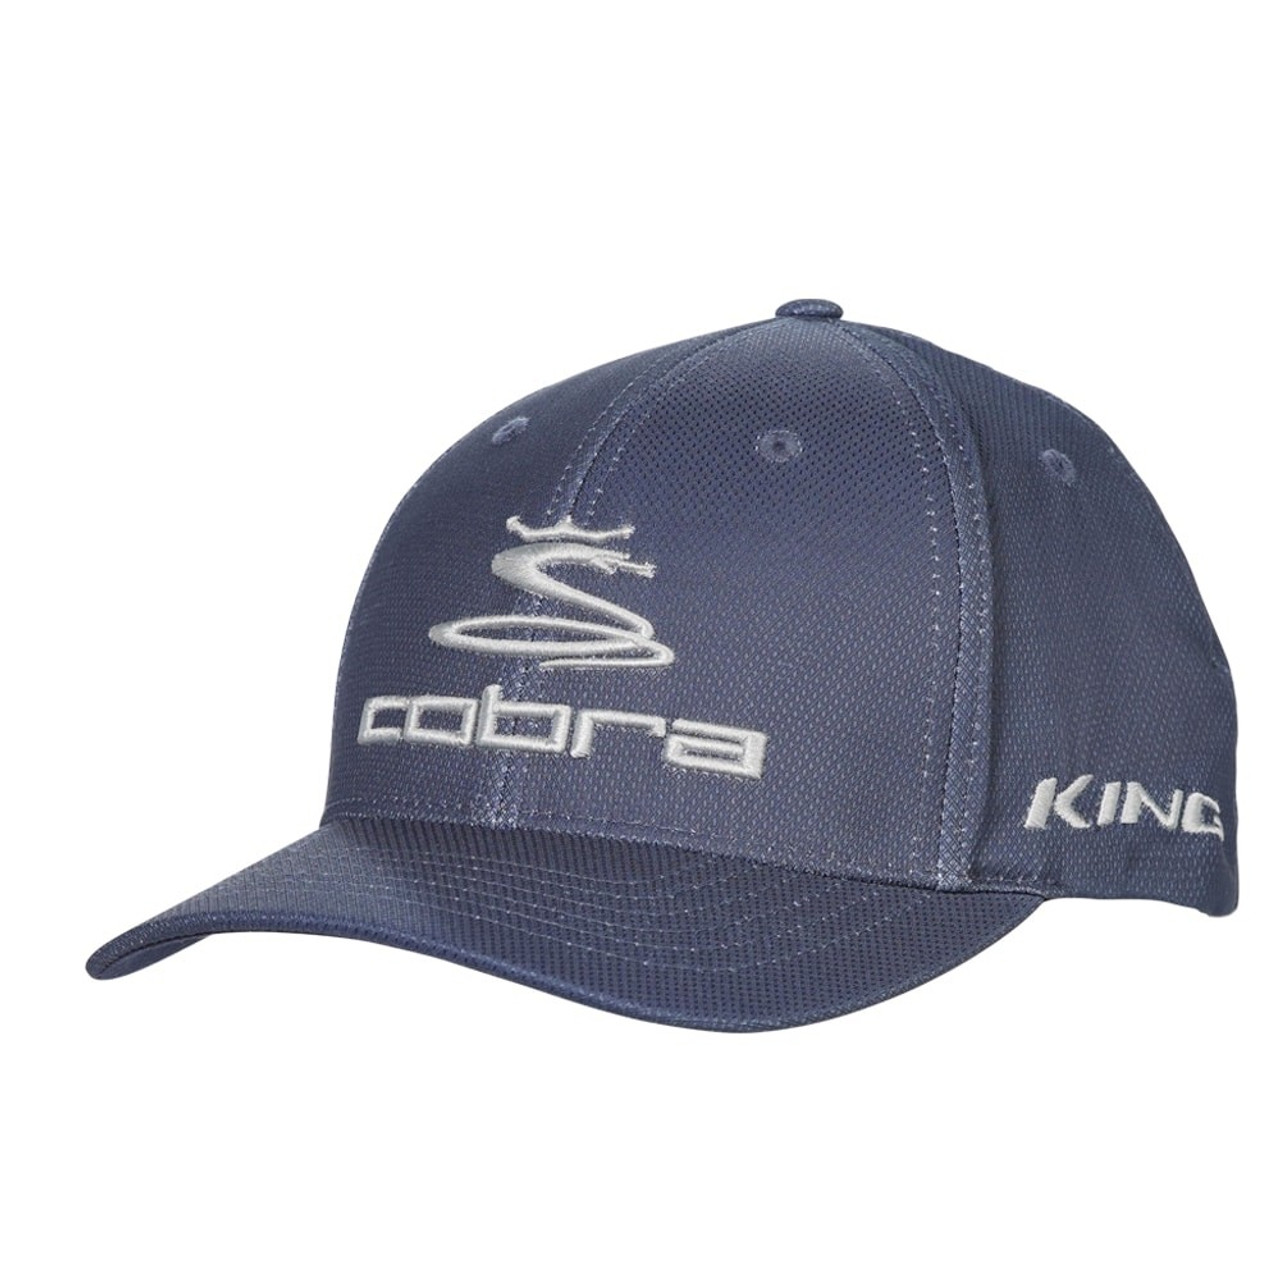 Cobra Pro Tour Stretch Fit Cap- Dark Denim